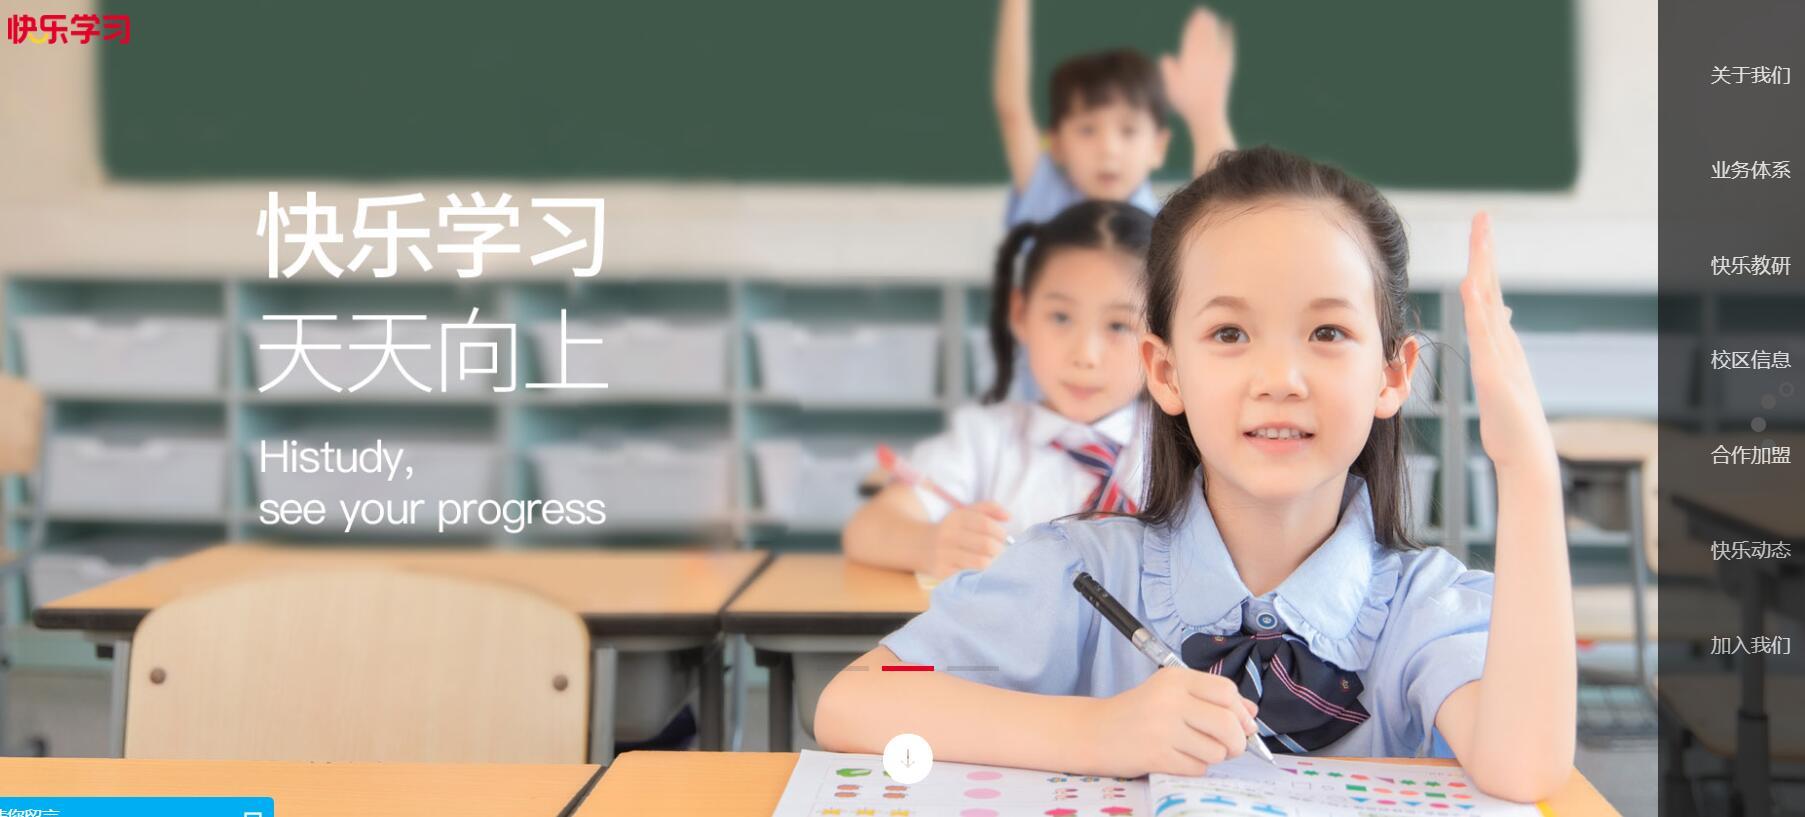 快乐学习教育官方网站